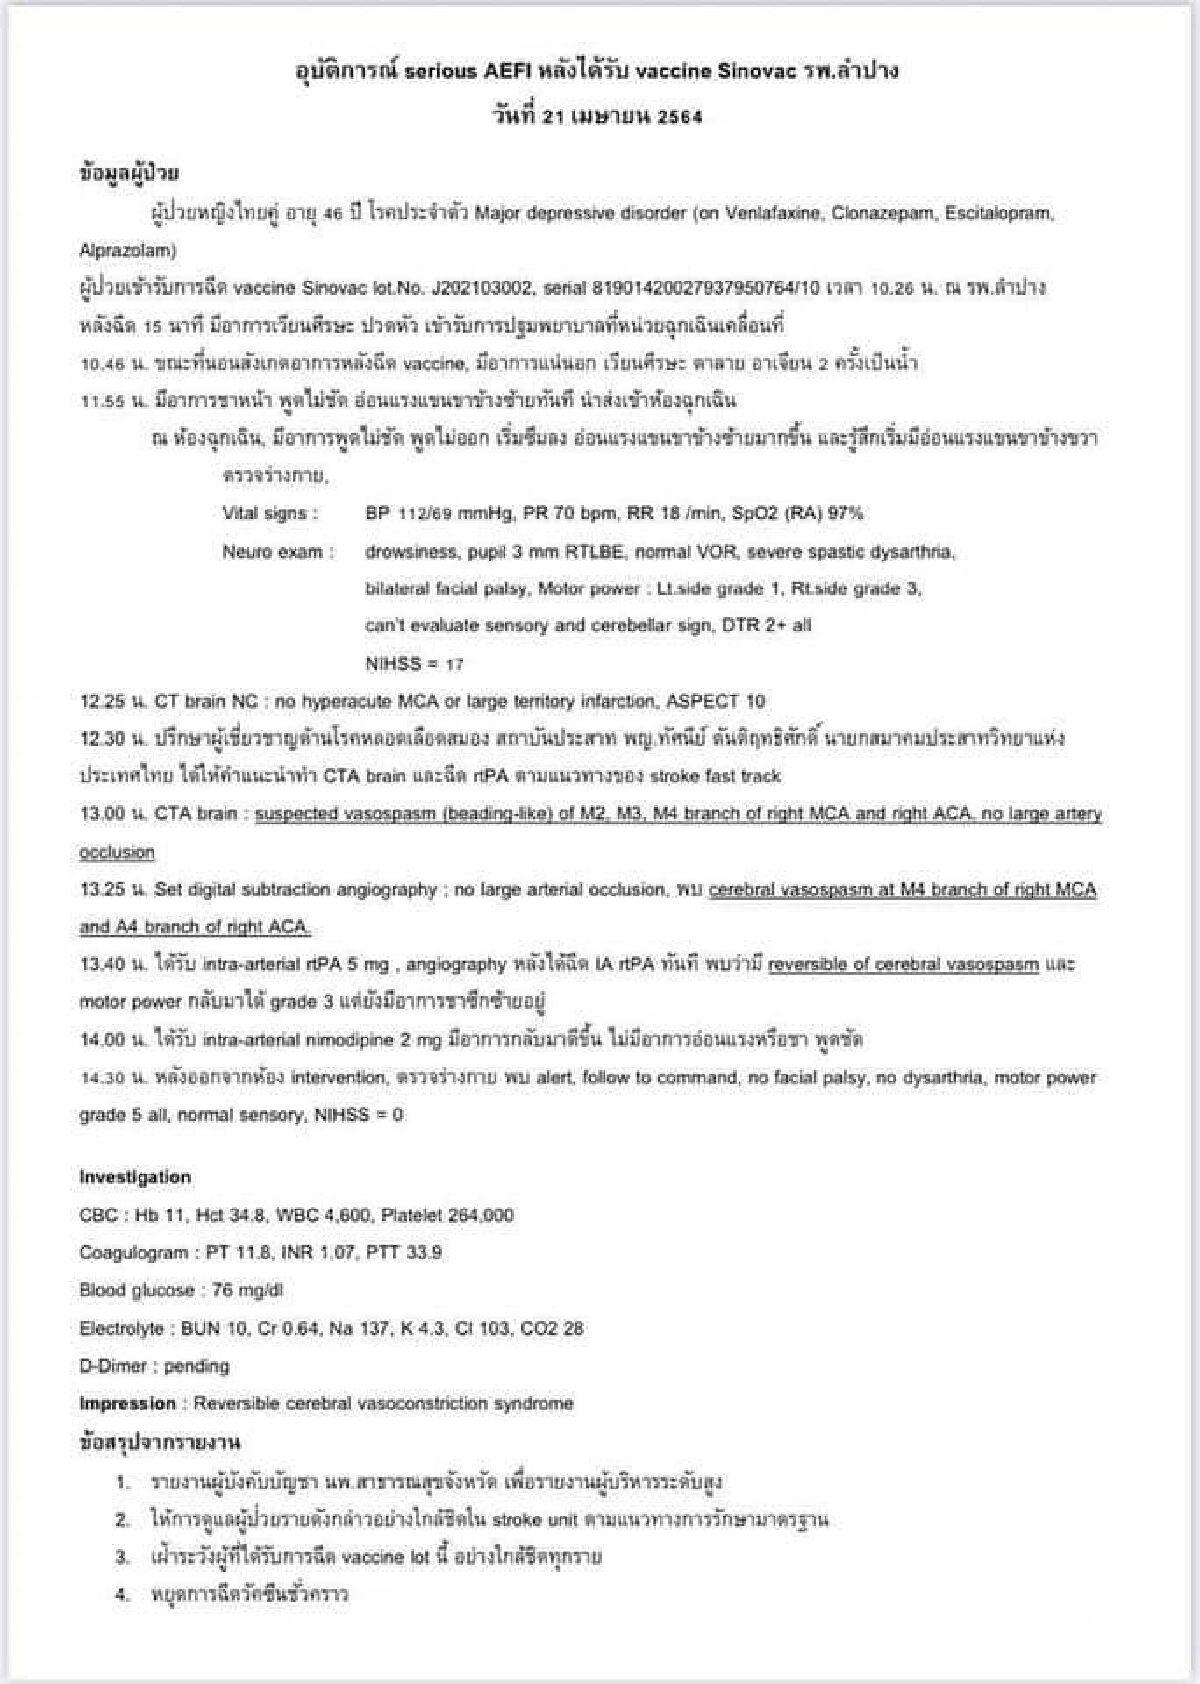 บุคลากรแพทย์ รพ.ลำปาง แพ้วัคซีนSinovac ส่งเข้าไอซียู 40 ราย